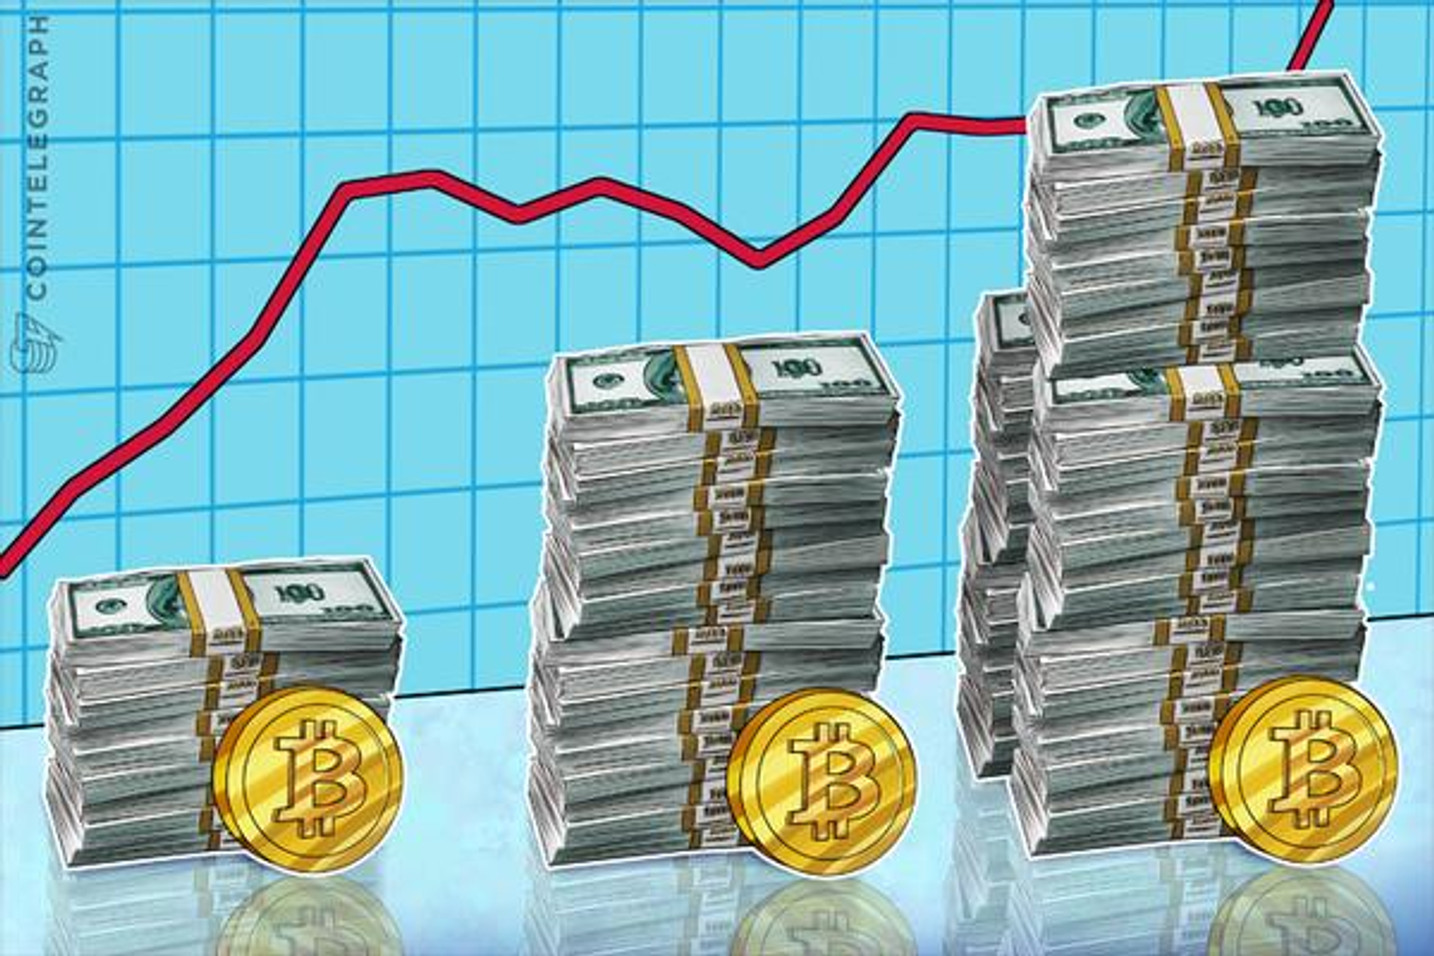 Banqueros centrales despistados se refieren a Bitcoin con envidia, odio